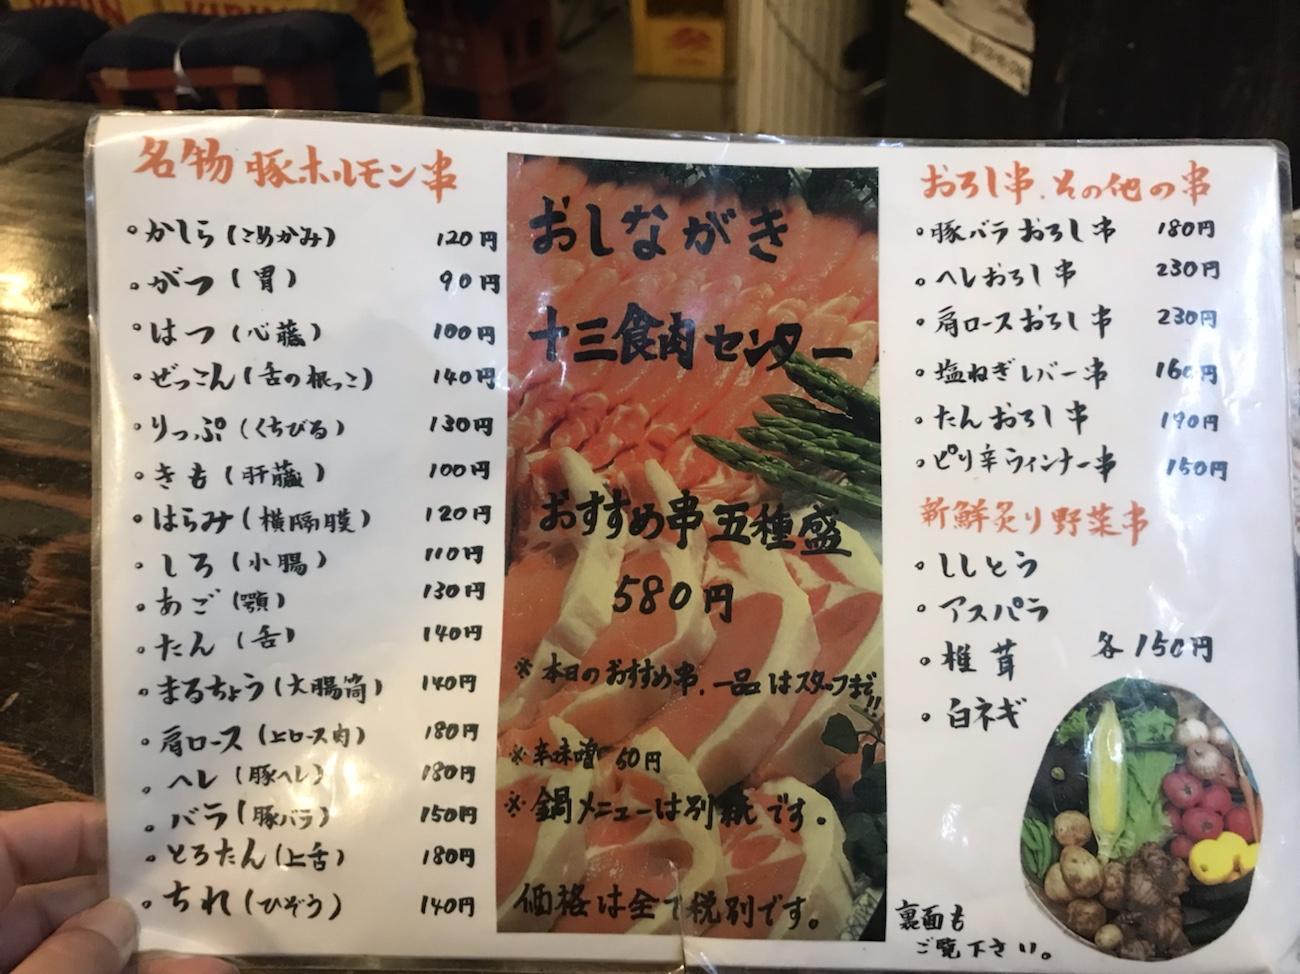 十三食肉センター焼きとん豚ホルモン串メニュー